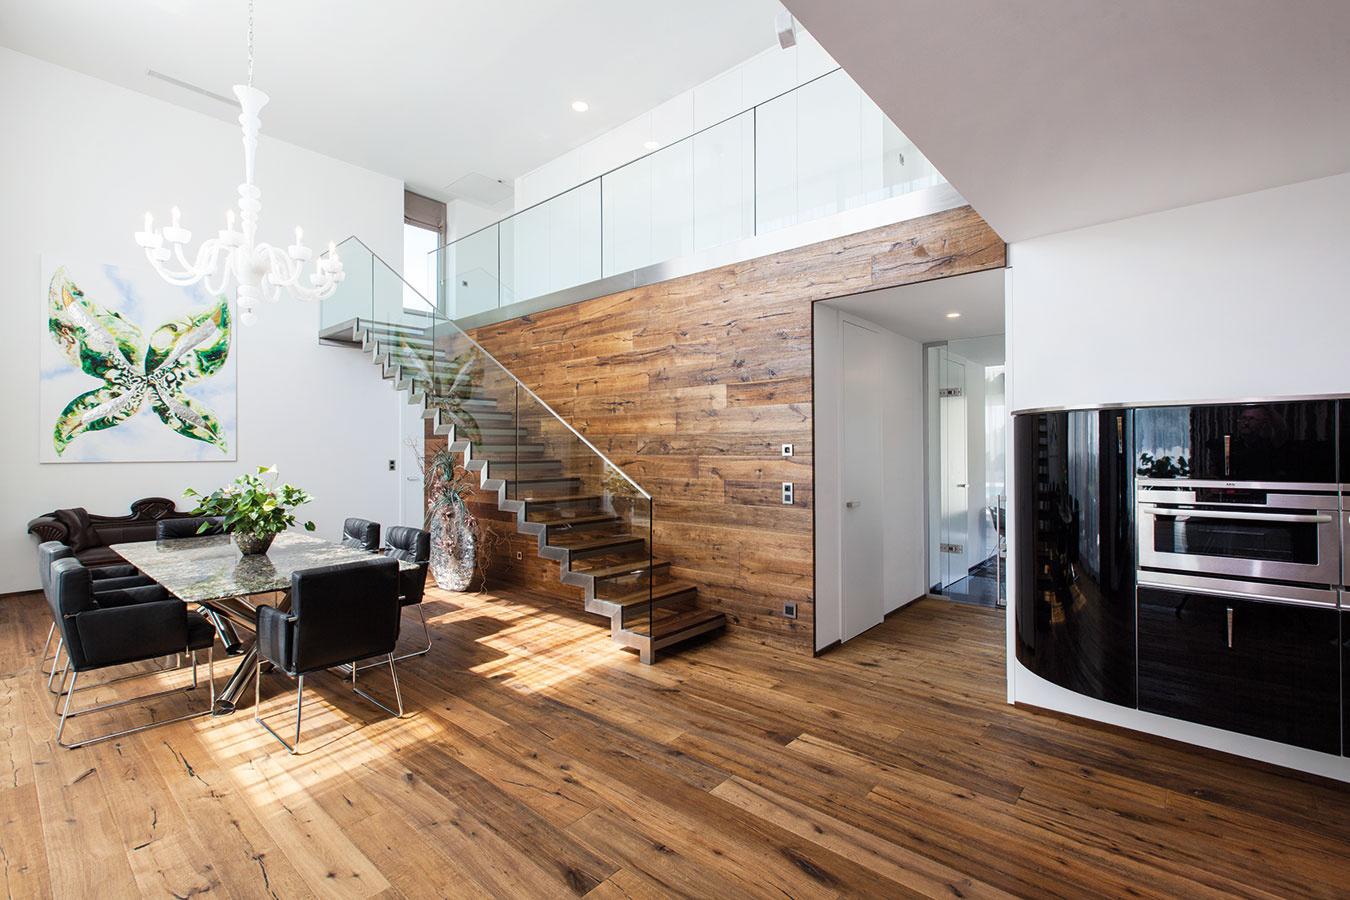 Veľkolepý priestor jedálne vcentre dispozície je vysoký cez dve podlažia – dojem zneho podčiarkuje drevo, ktoré zpodlahy plynulo prechádza až na stenu so schodiskom. Vtomto mieste je prepojené hlavné obytné podlažie sposchodím.